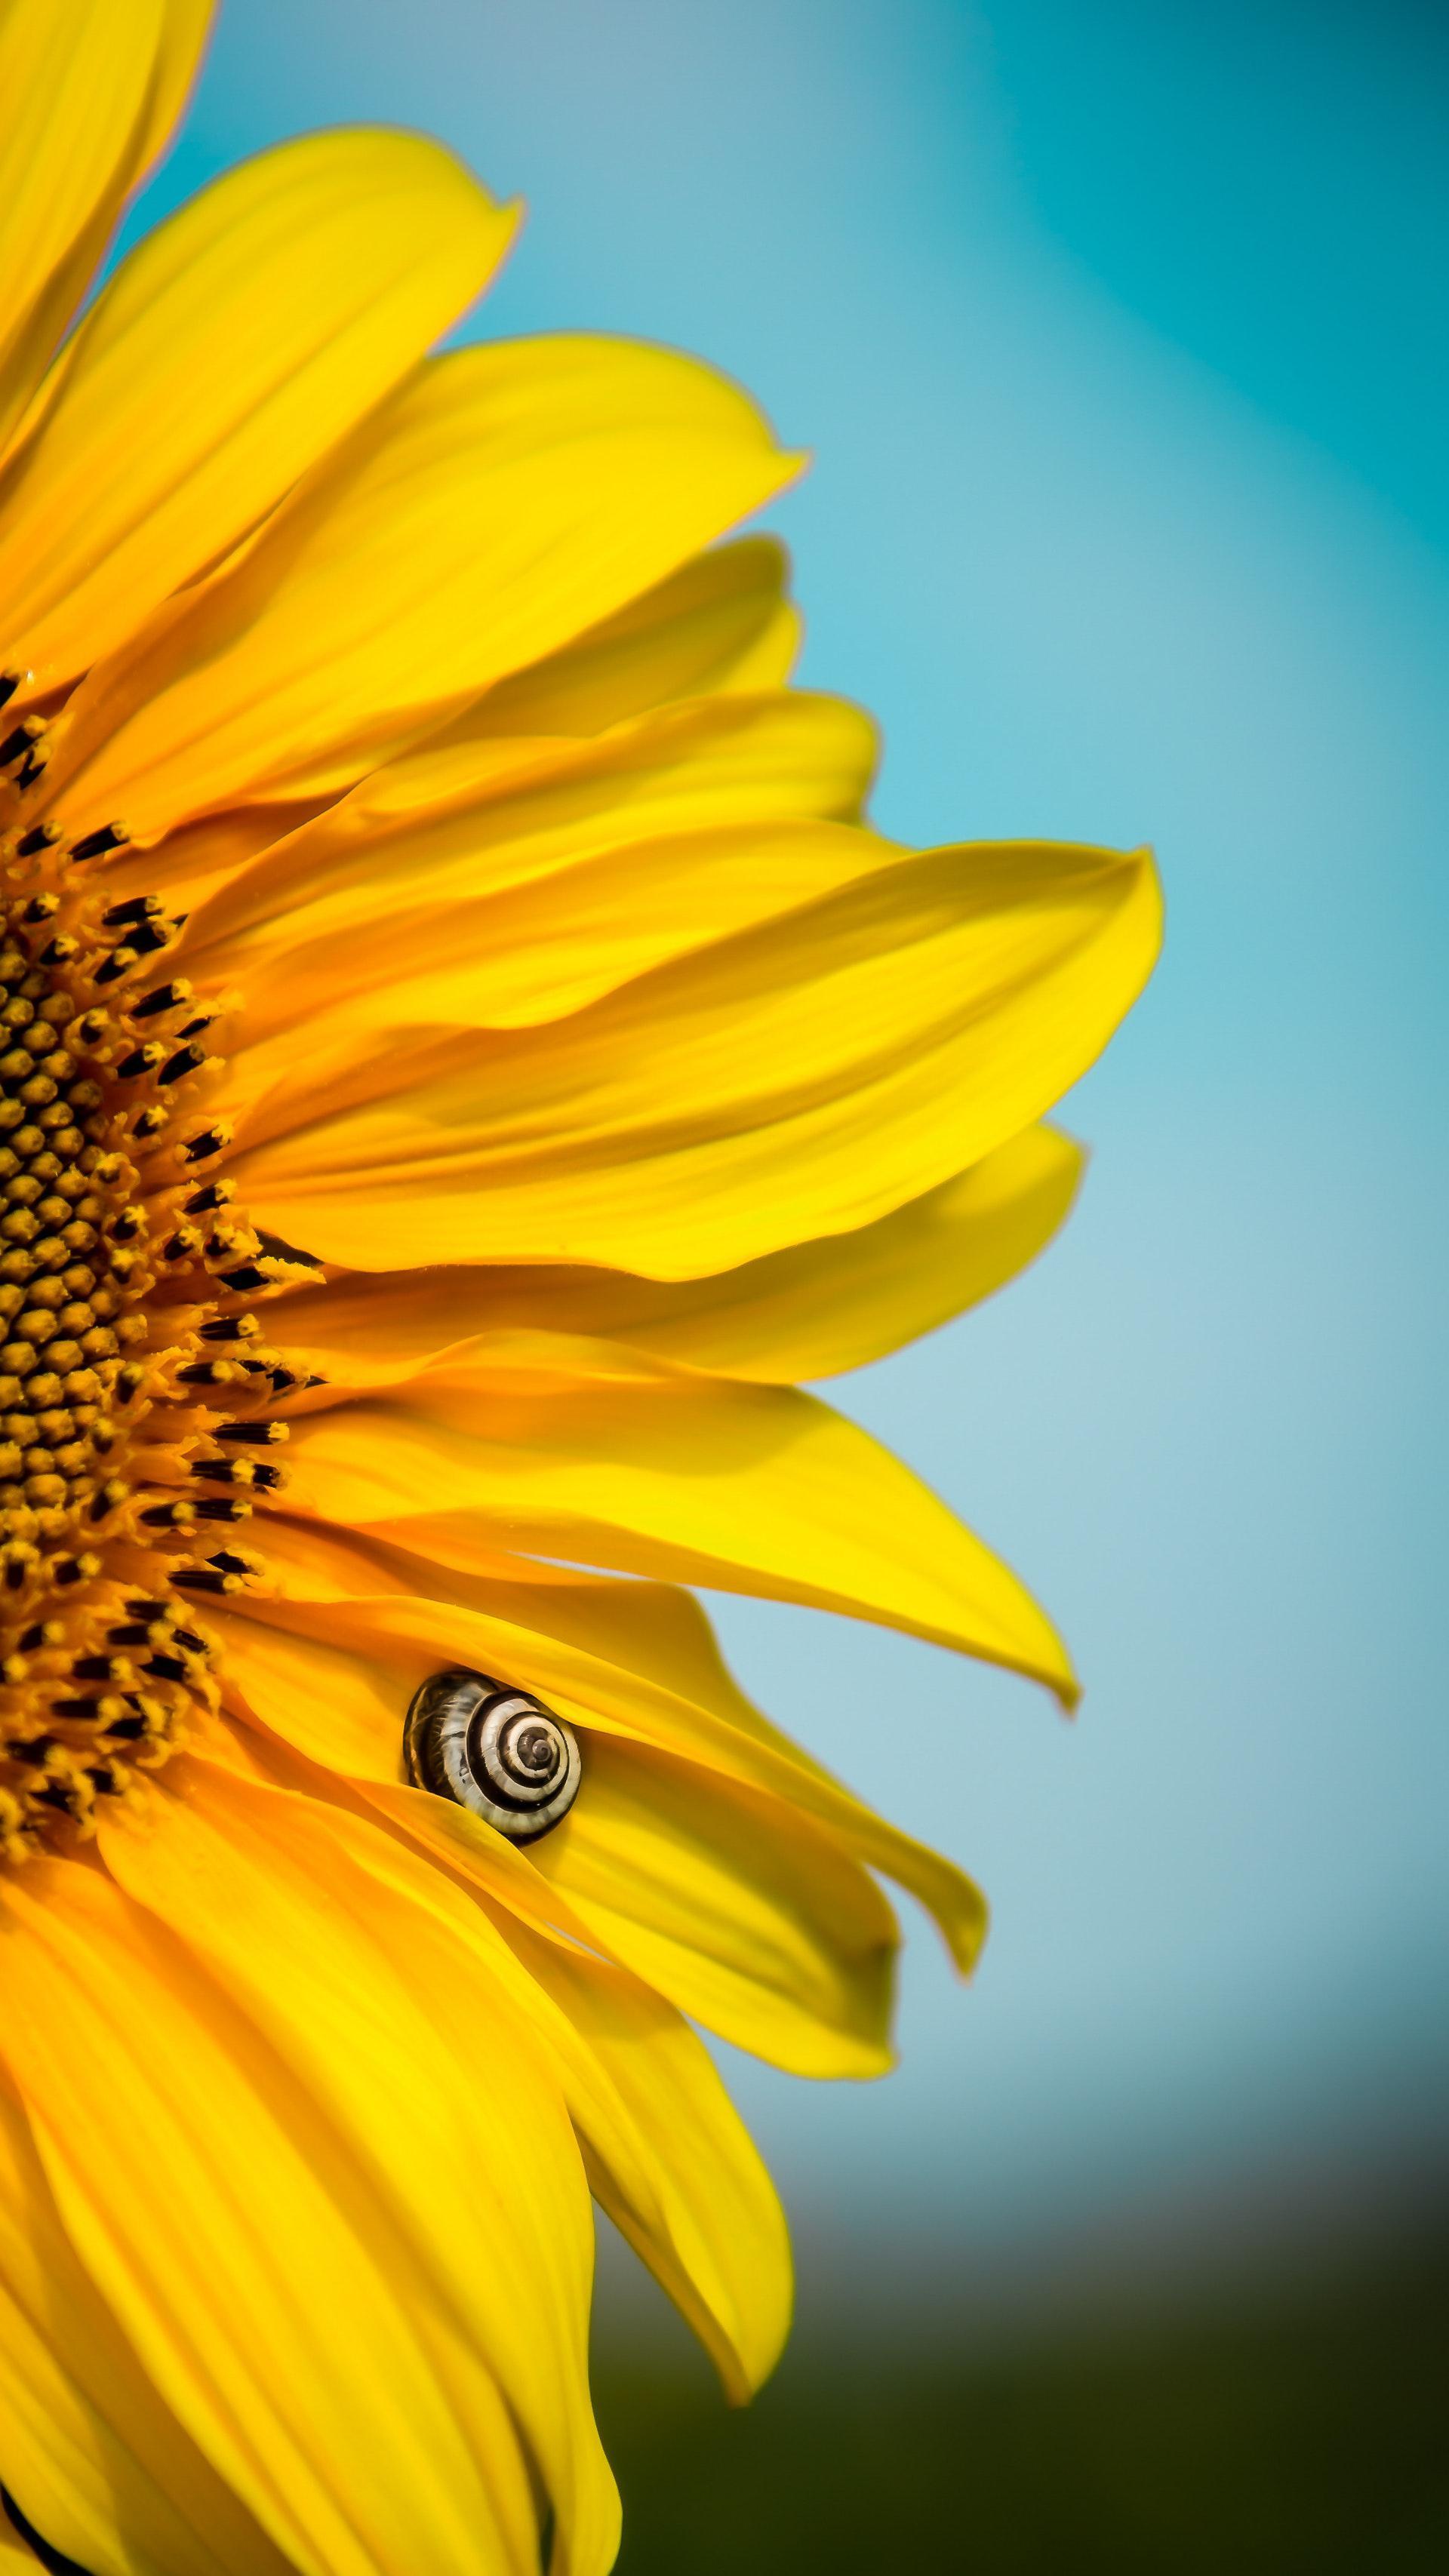 عکس زمینه گل آفتابگردان زرد پس زمینه